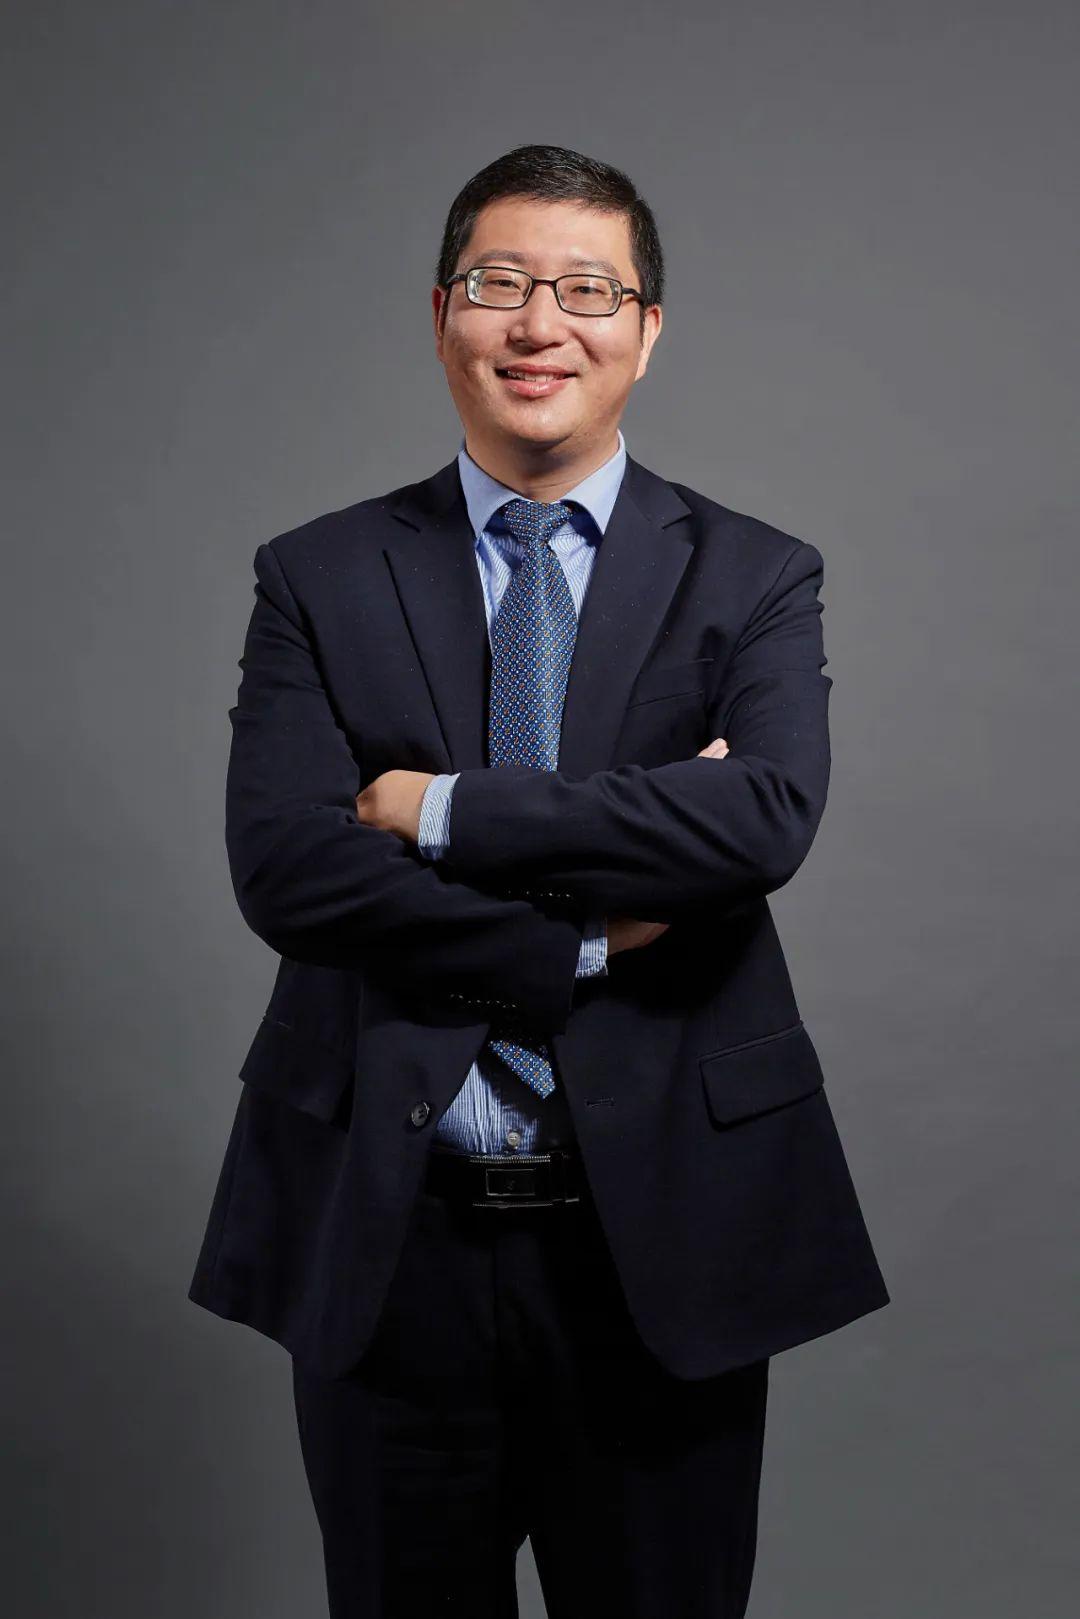 高毅资产邓晓峰:满足这两个条件,会重点关注!但目前很多好公司估值太贵了